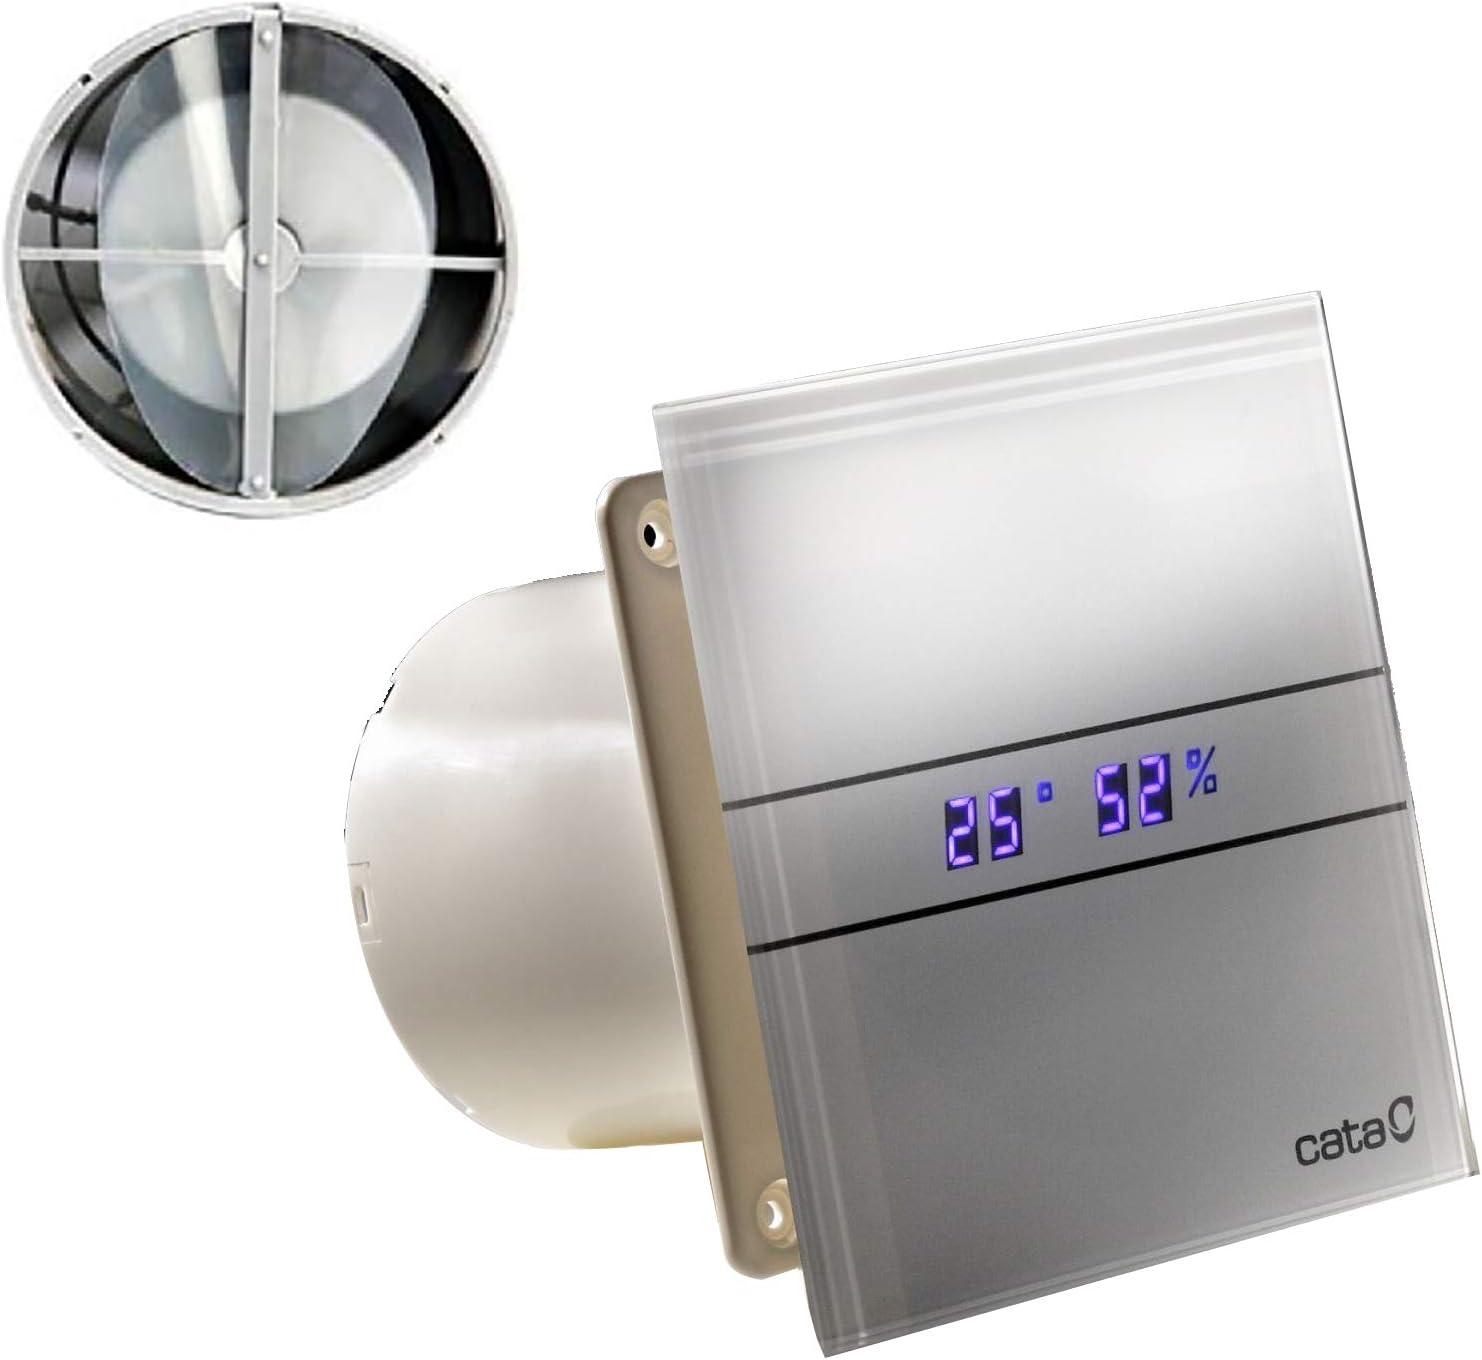 CATA E-100 GTH - Ventilador con válvula antirretorno (temporizador, control de humedad, sensor de humedad, pantalla LED, 115 m3/h, muy silencioso, 31 dB, bajo consumo, 8 W)